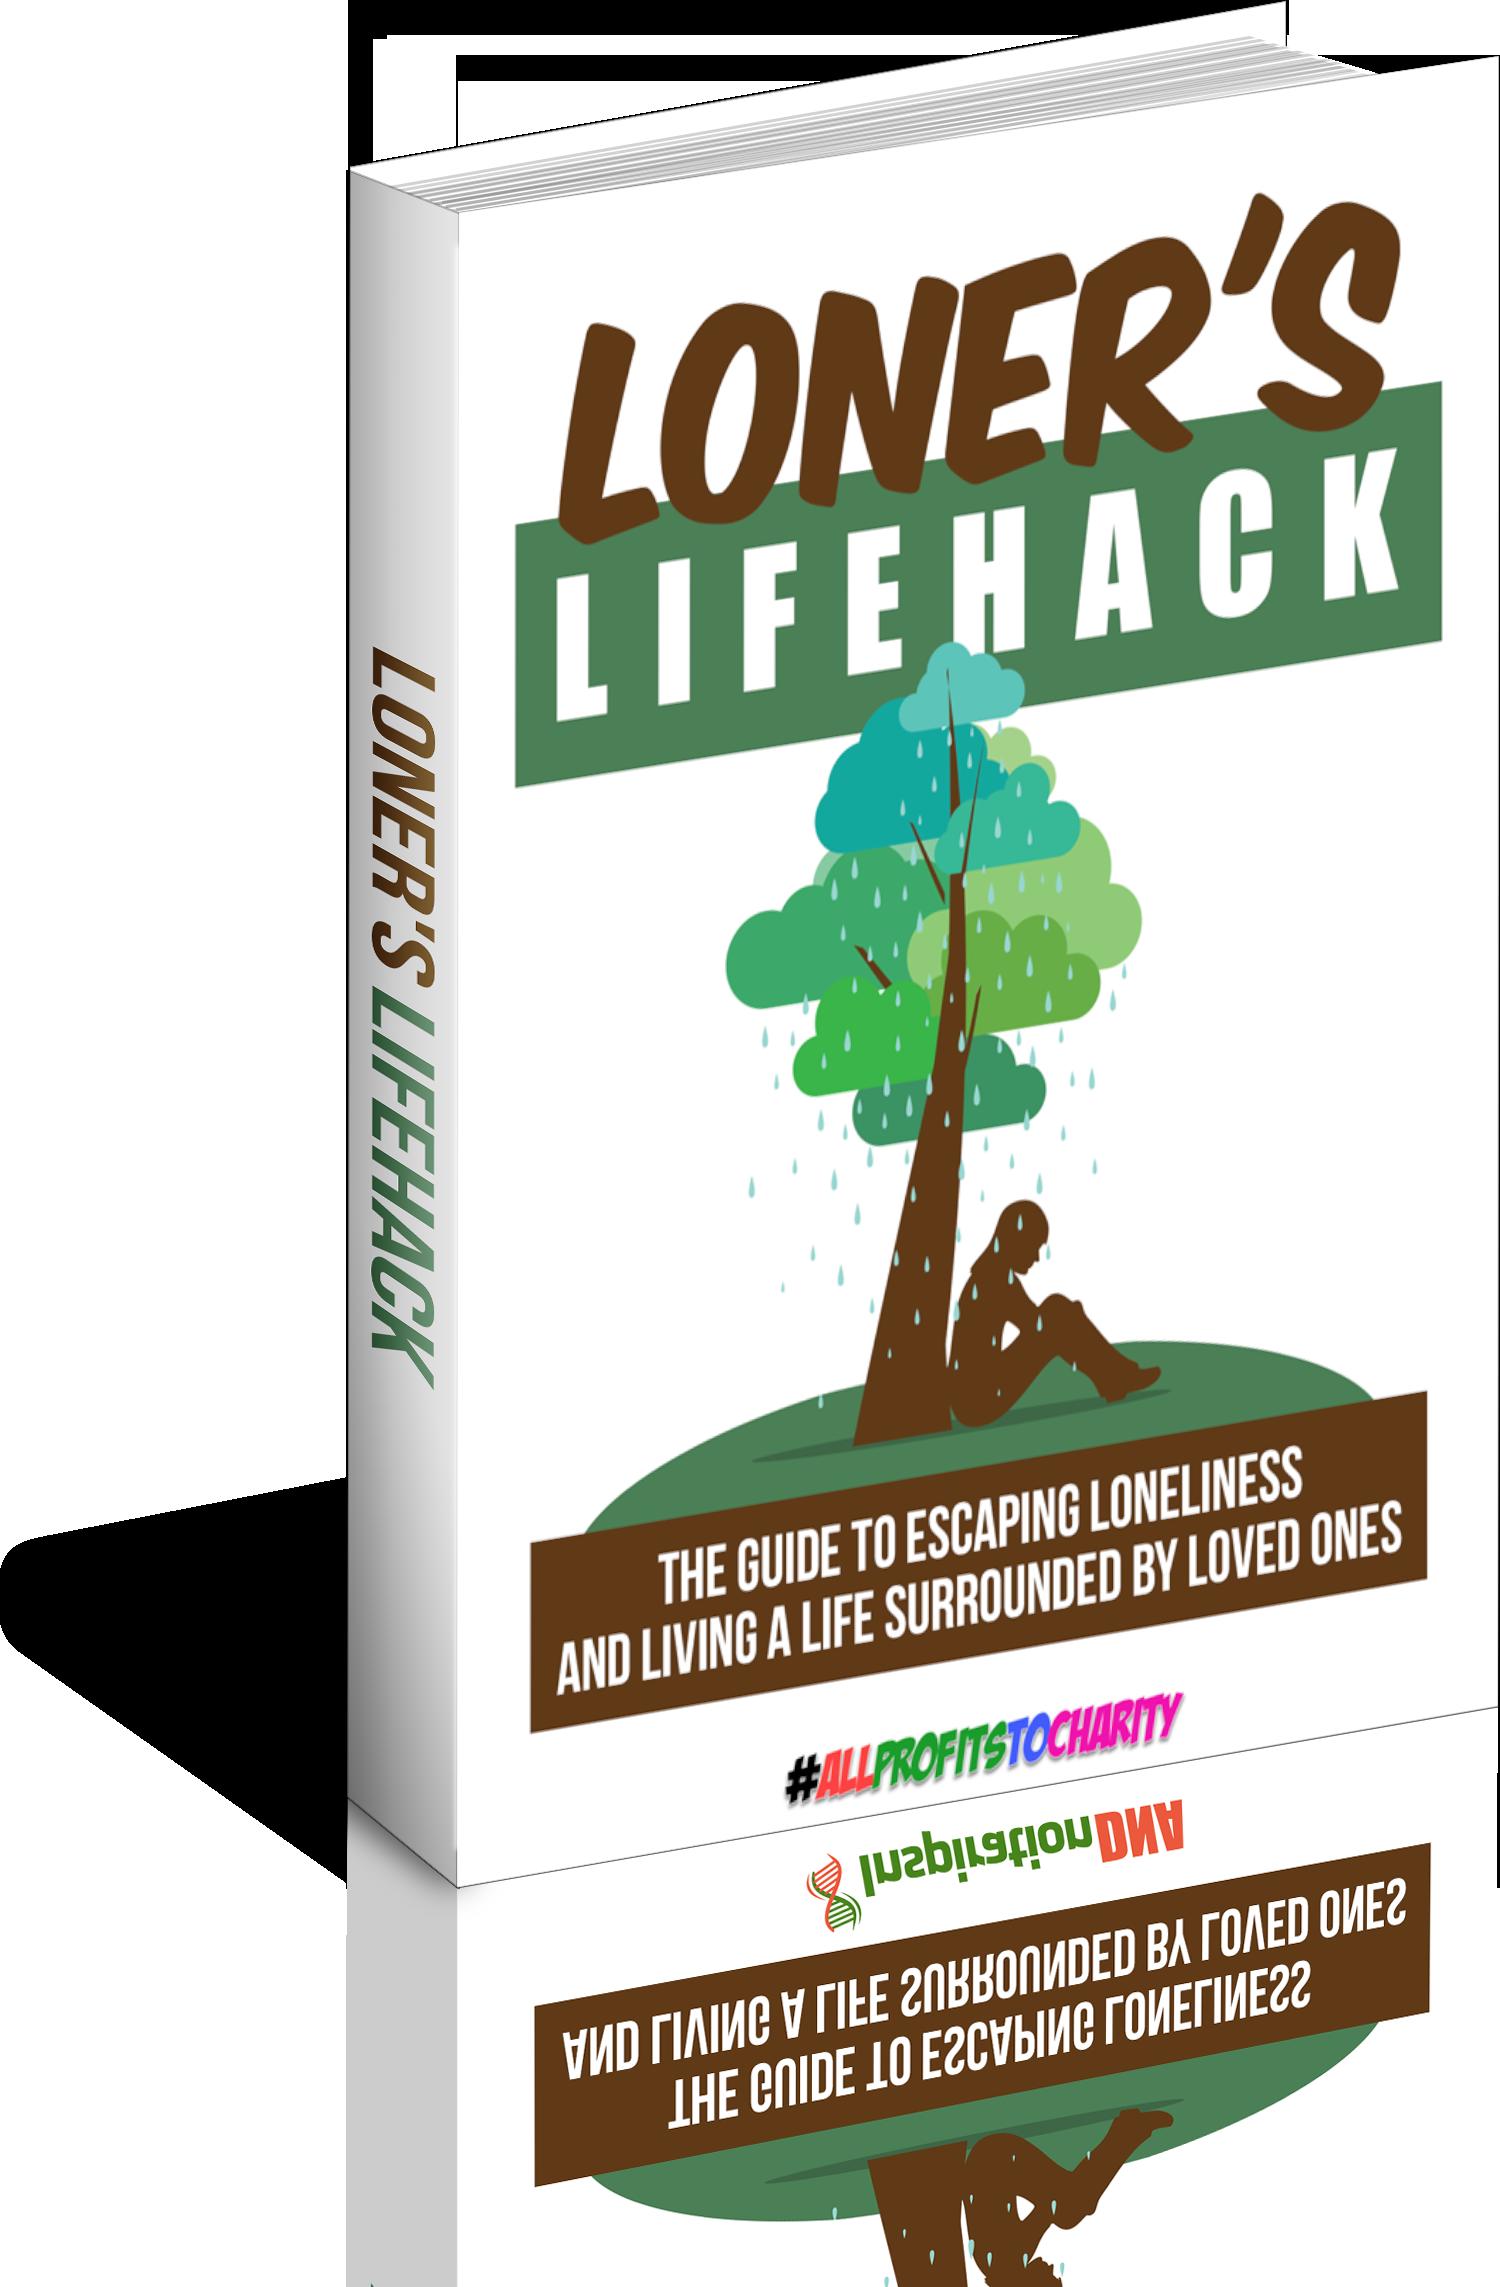 Loner's Lifehack cover